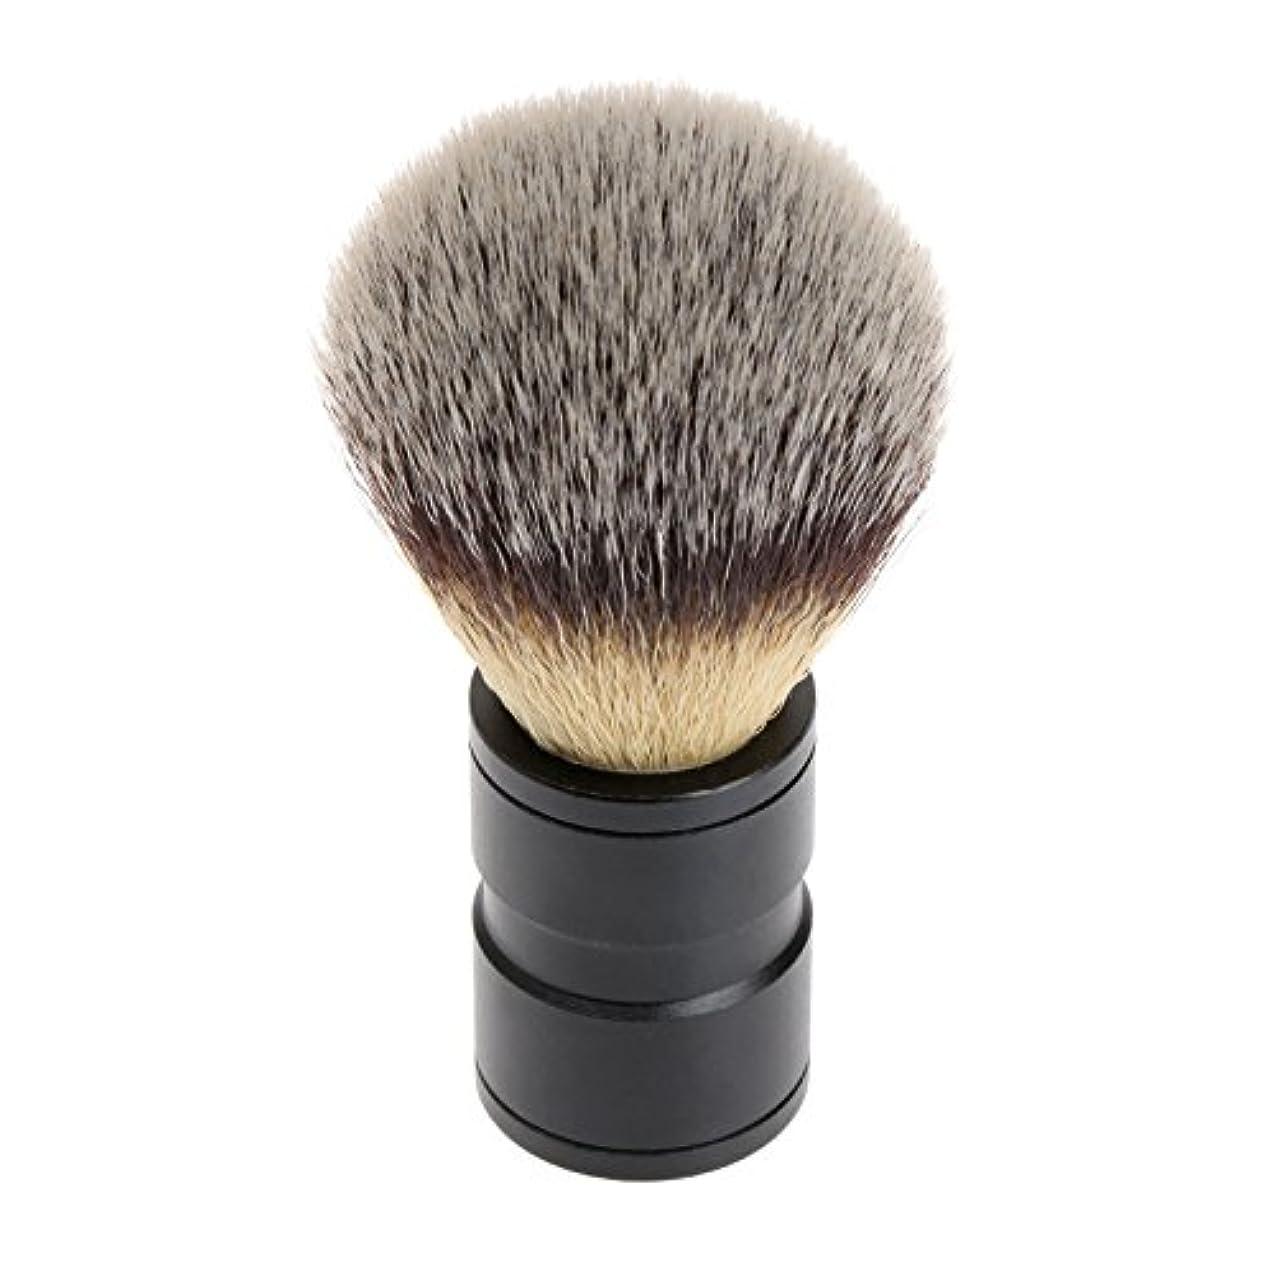 シャッフル移民警戒シェービング ブラシ 理容 洗顔 髭剃り マッサージ 効果 ナイロン毛 メンズ